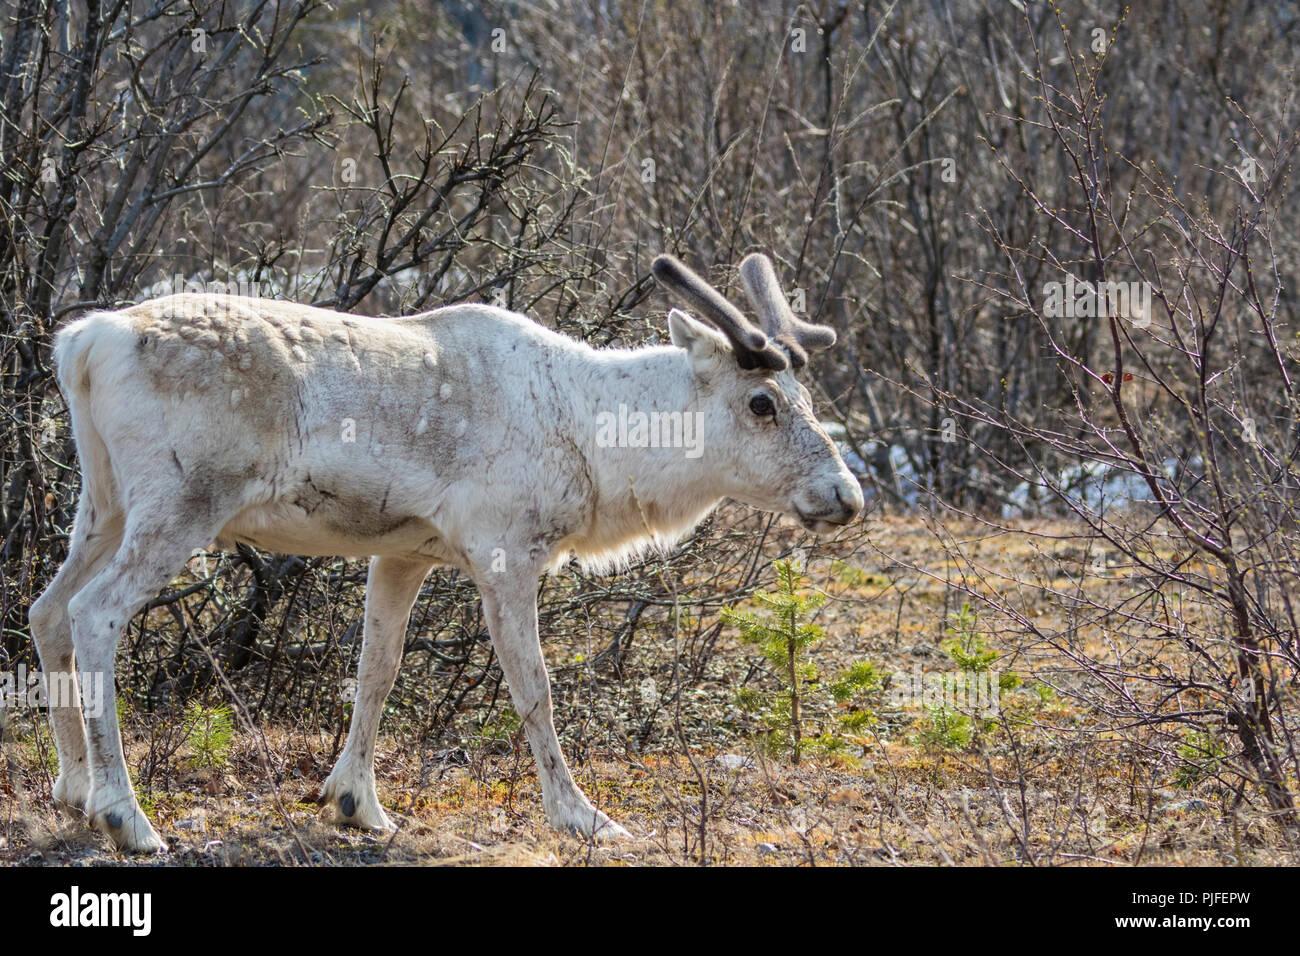 Bianco di renne, Rangifer tarandus permanente e girando la testa verso la telecamera, Stora sjöfallets national park, Gällivare county, Lapponia svedese, Immagini Stock